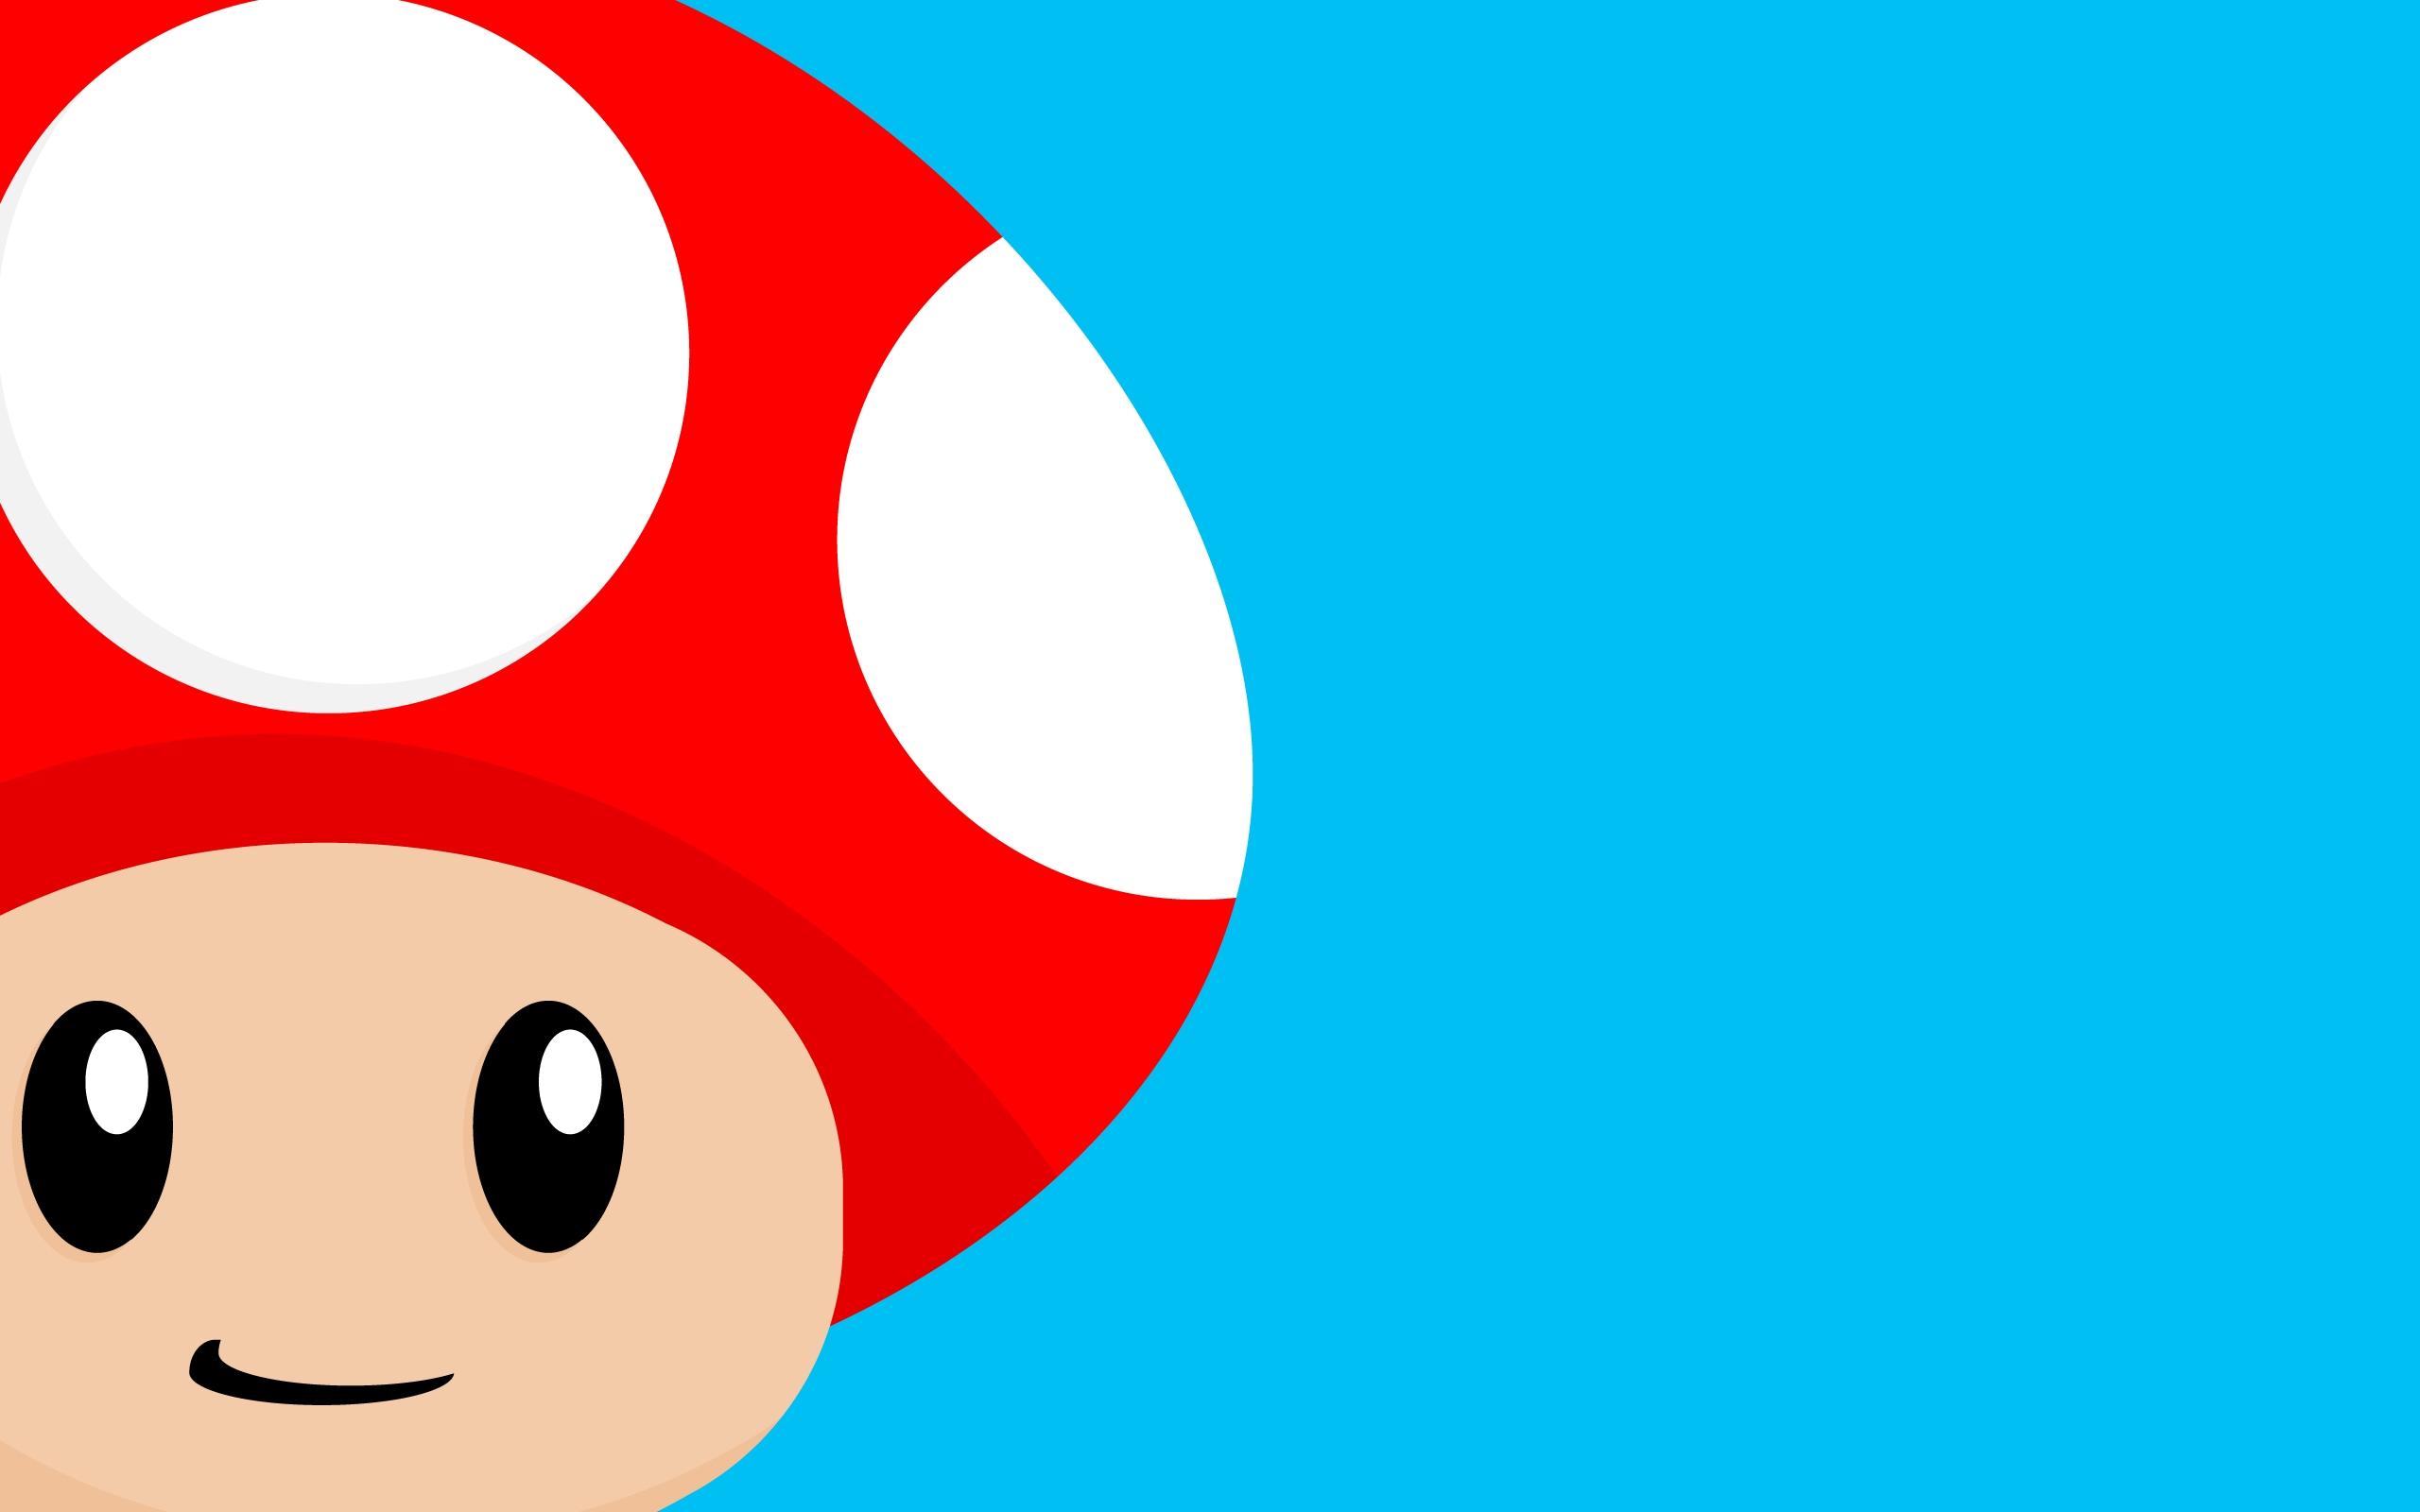 2560x1600 Wallpaper Illustration, Mushroom, Cartoon, Smiley, Nose, Vector